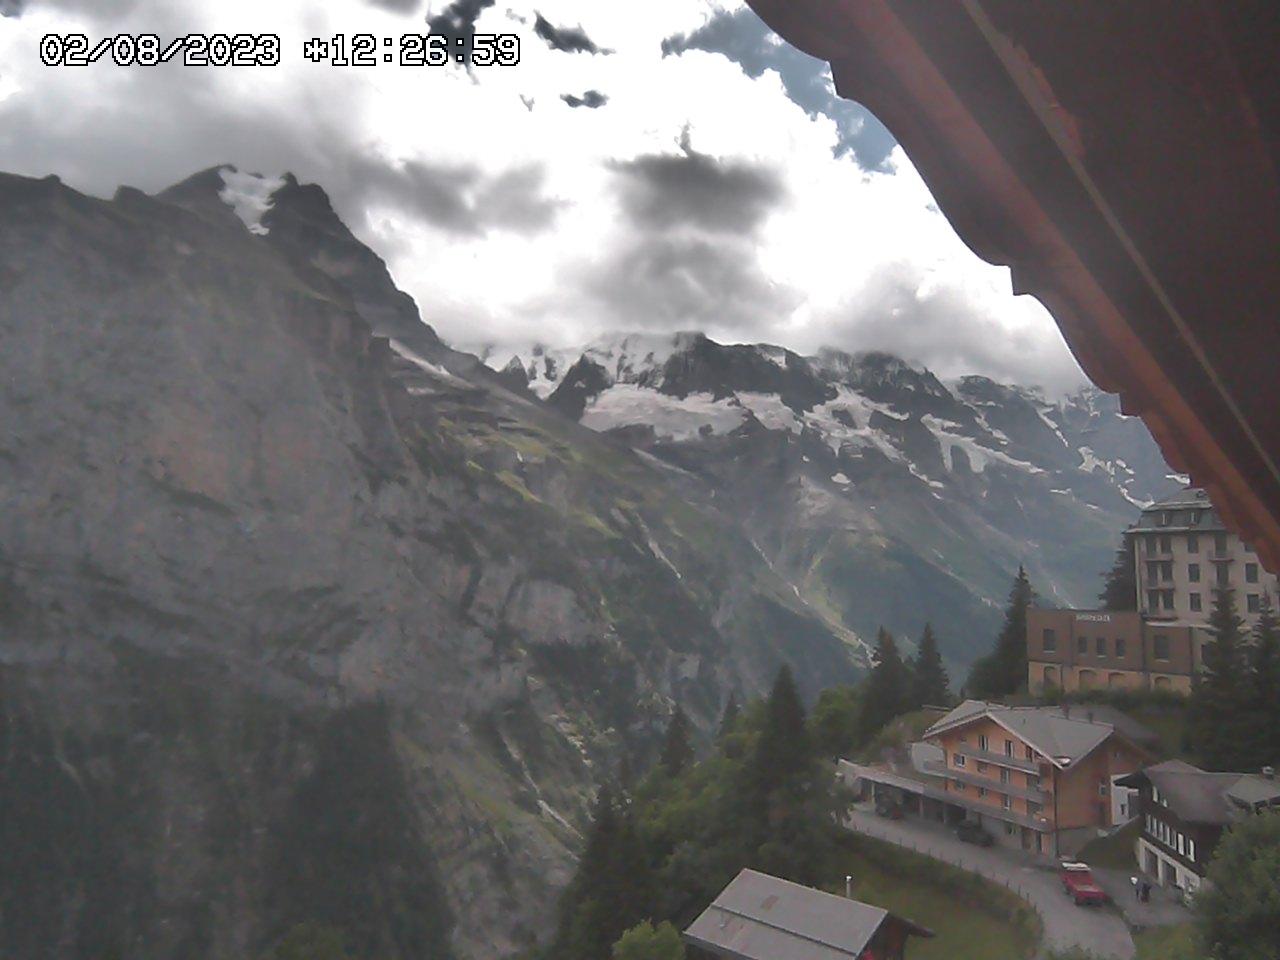 http://www.hoteleiger.com/webcam/cam4.jpg